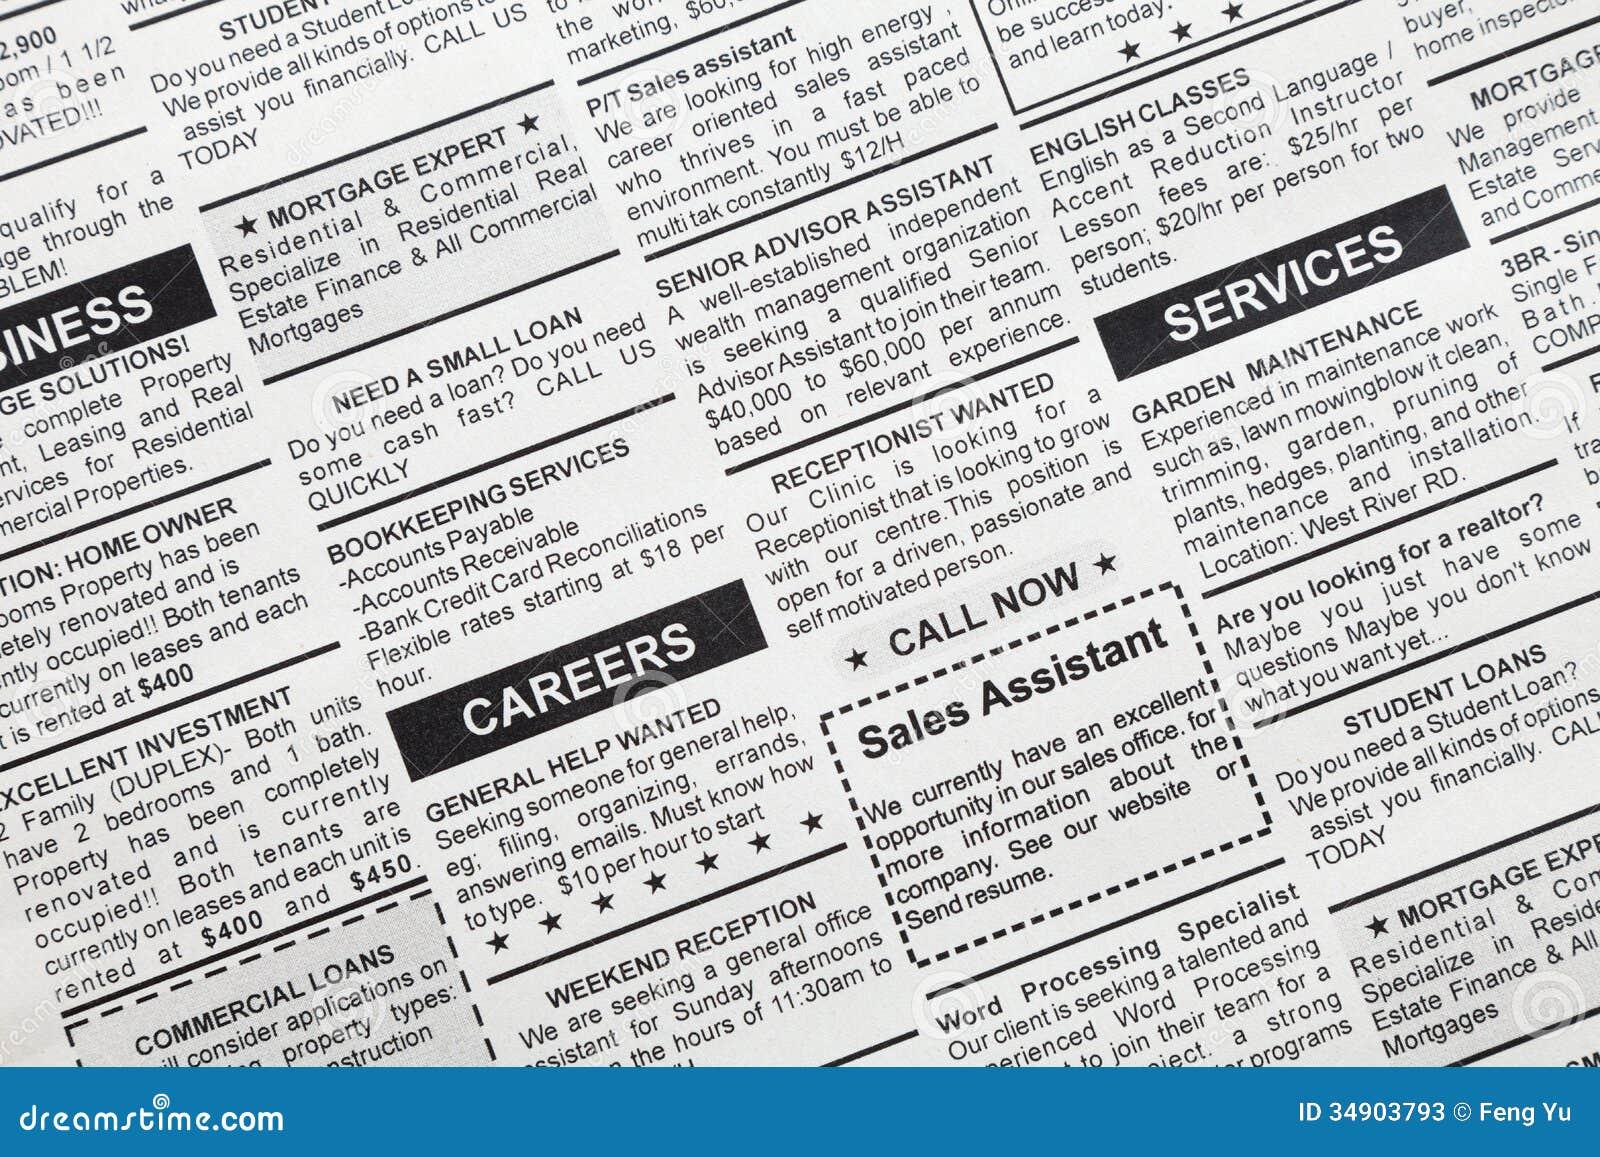 adultos classificados classificadox